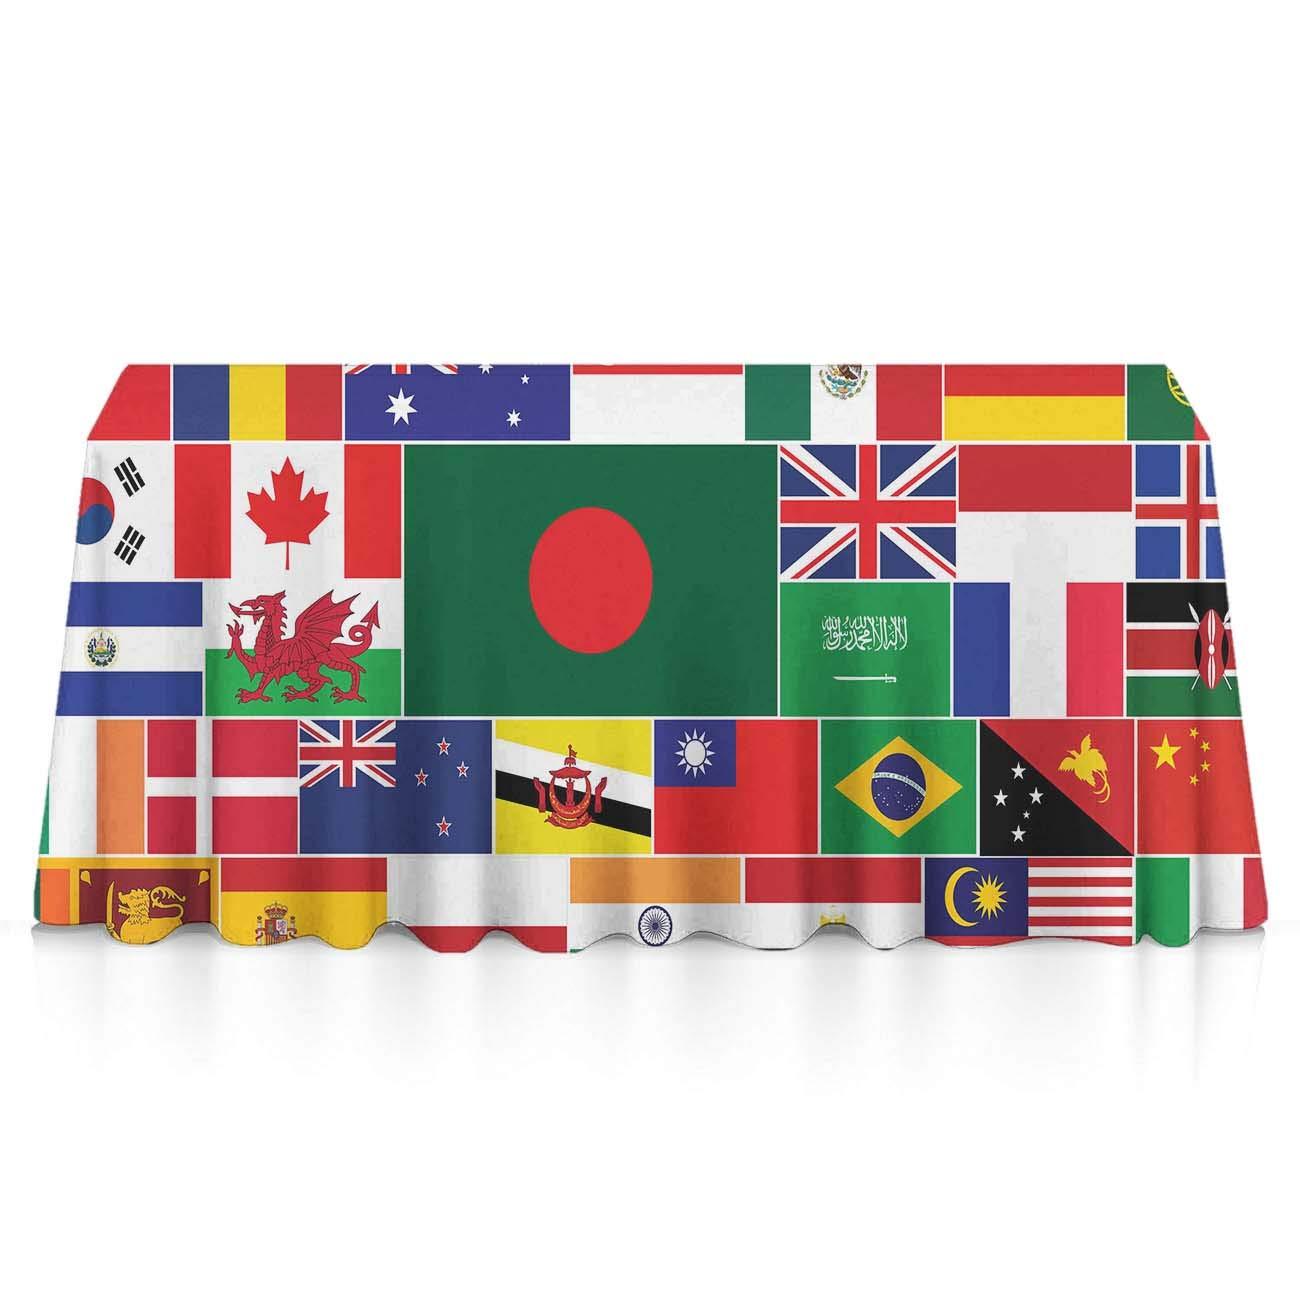 海外並行輸入正規品 GLORY National ART 長方形テーブルクロス - 世界の国旗 - 洗濯可能 こぼれ防止 アウトドア テーブルカバータペストリー ブラック ビュッフェテーブル パティオ ディナー ピクニック インドア アウトドア 52x70 inches ブラック k19kltyh-m44sd567q B07KPDZ2CD National Flag of the World 60x120 inches 60x120 inches|National Flag of the World, 右京区:25d7ba1f --- diceanalytics.pk